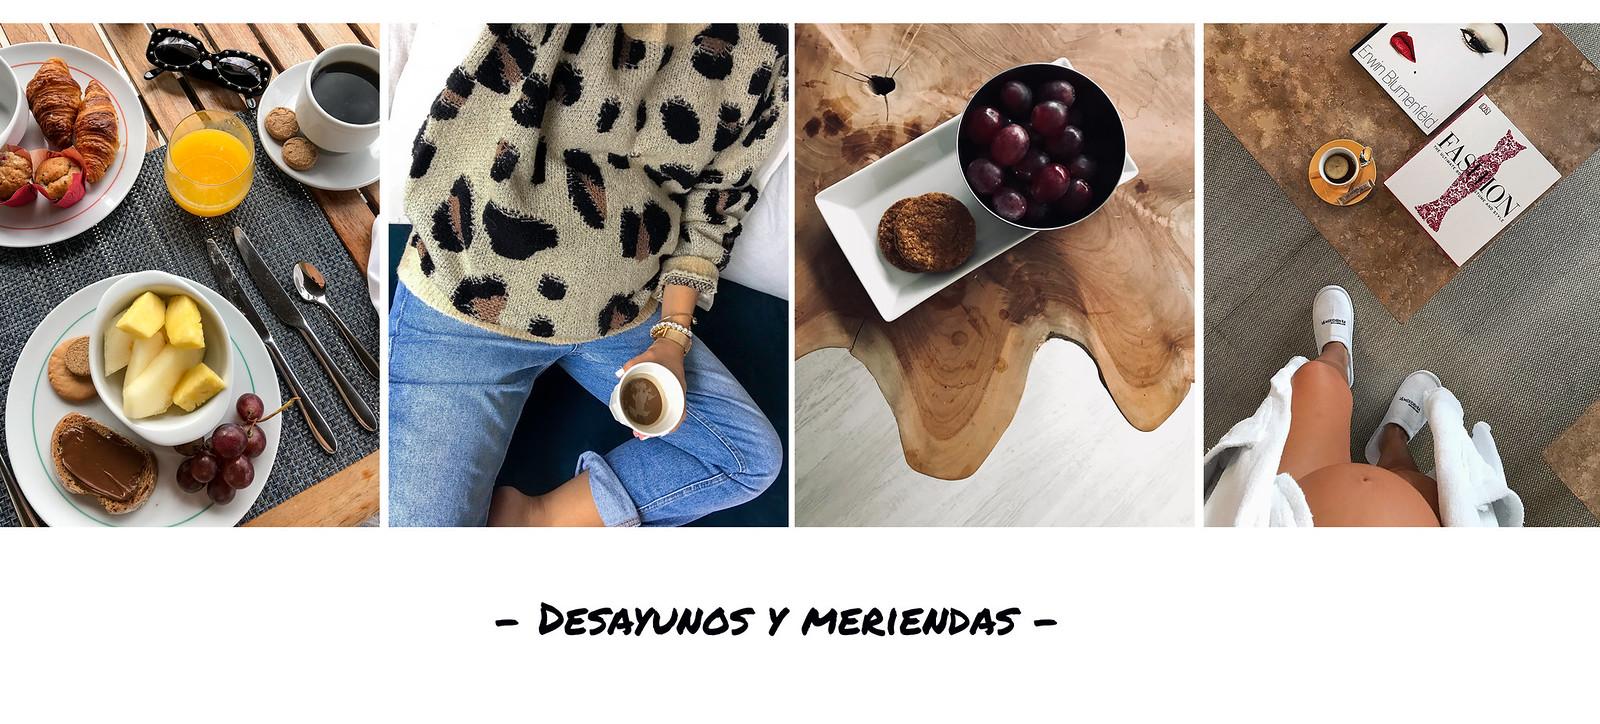 01_ideas_desayunos_meriendas_embarazo